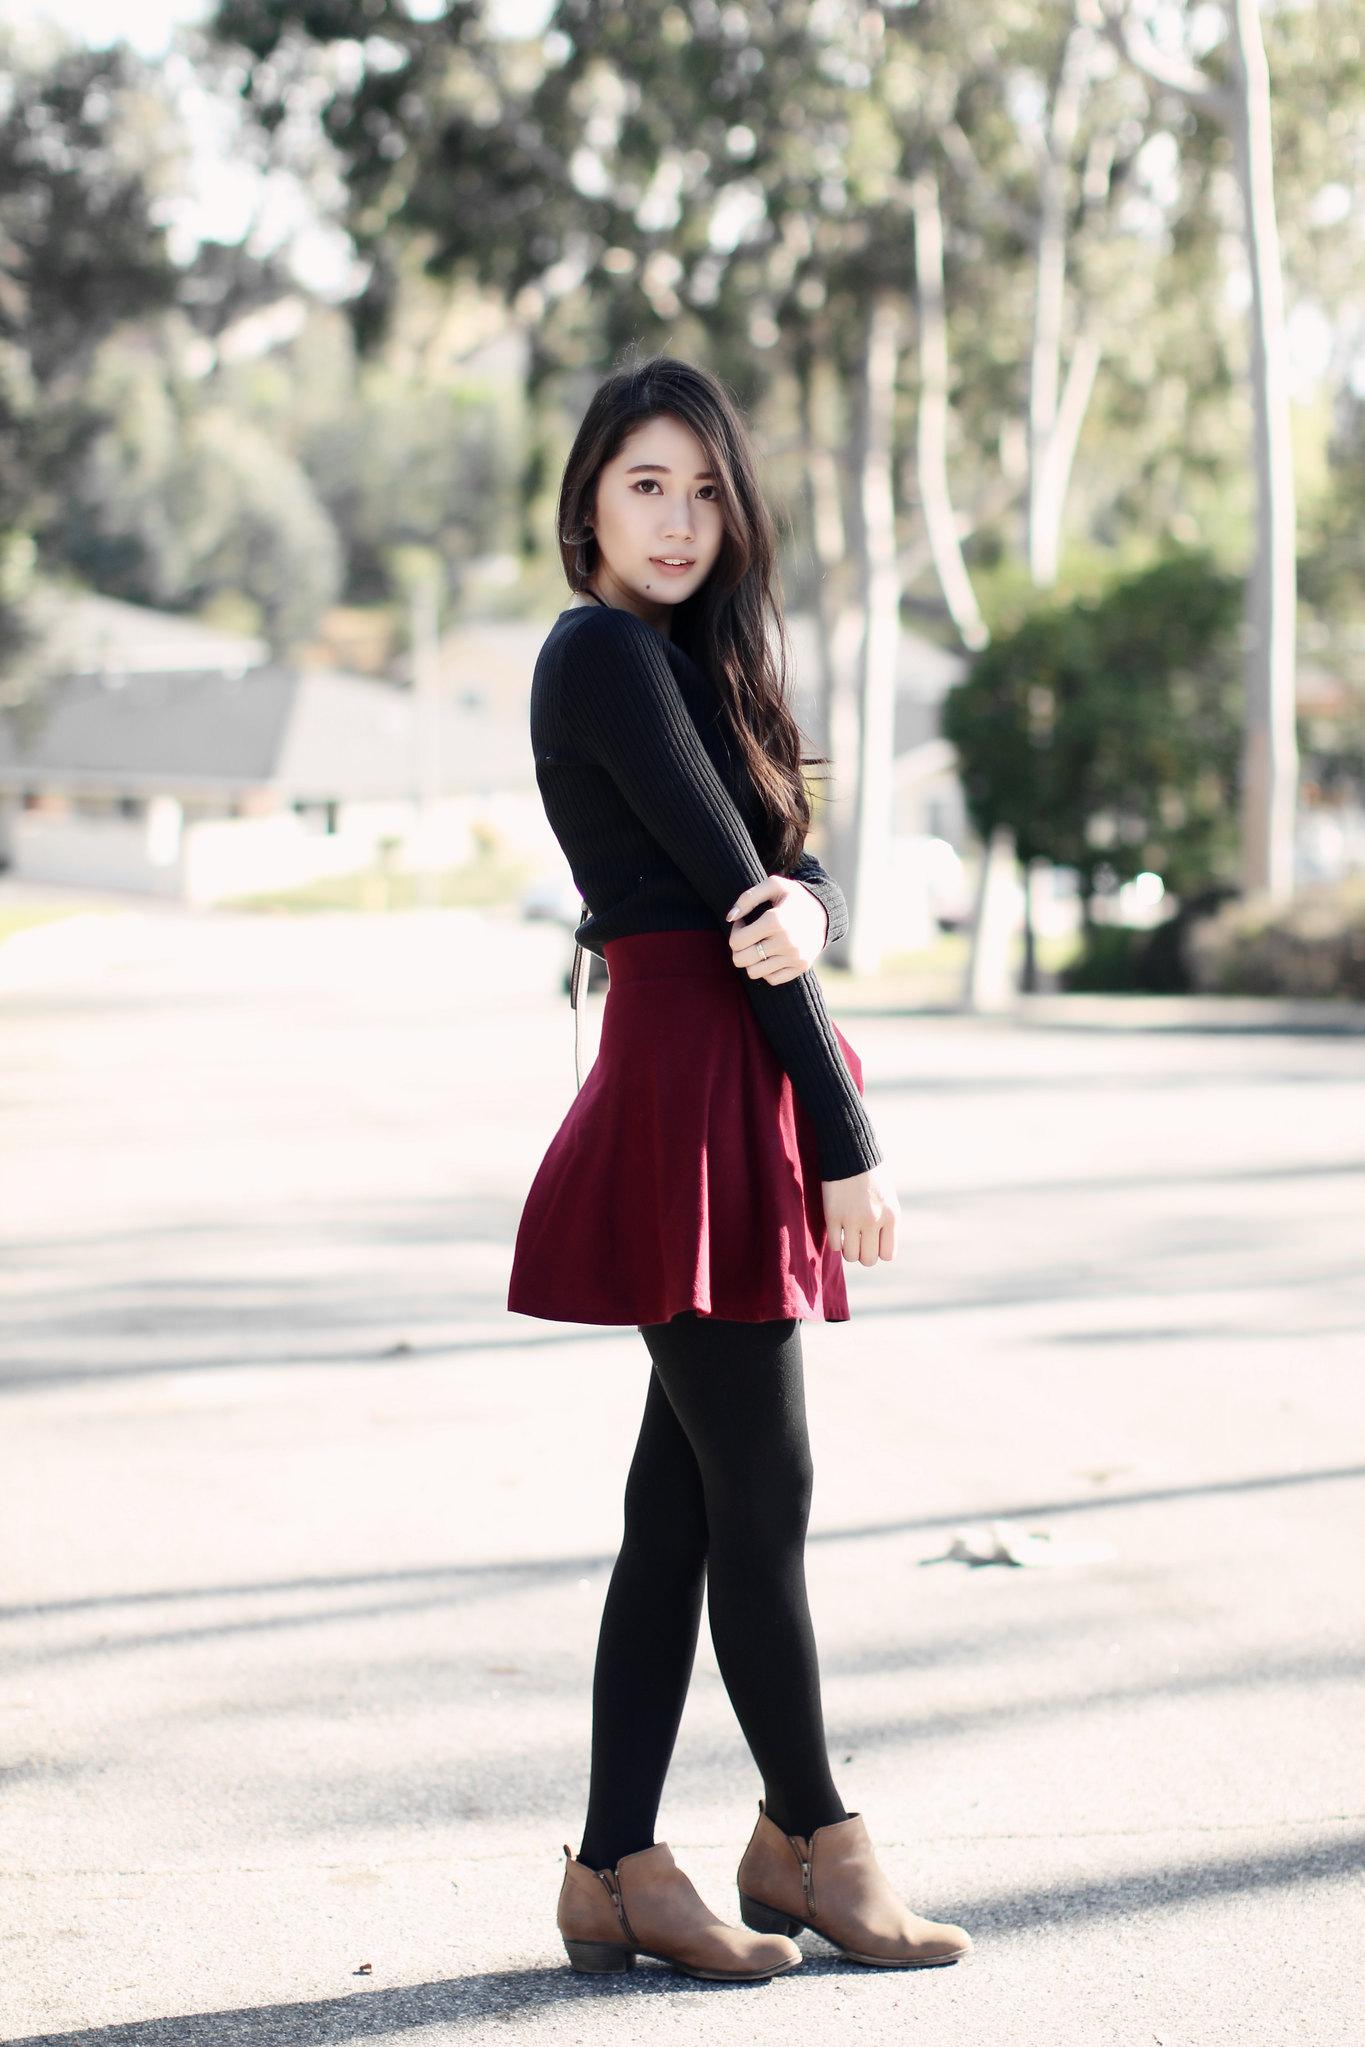 2402-ootd-fashion-style-wiwt-clothestoyouuu-elizabeeetht-preppy-f21-hollister-winterfashion-springfashion